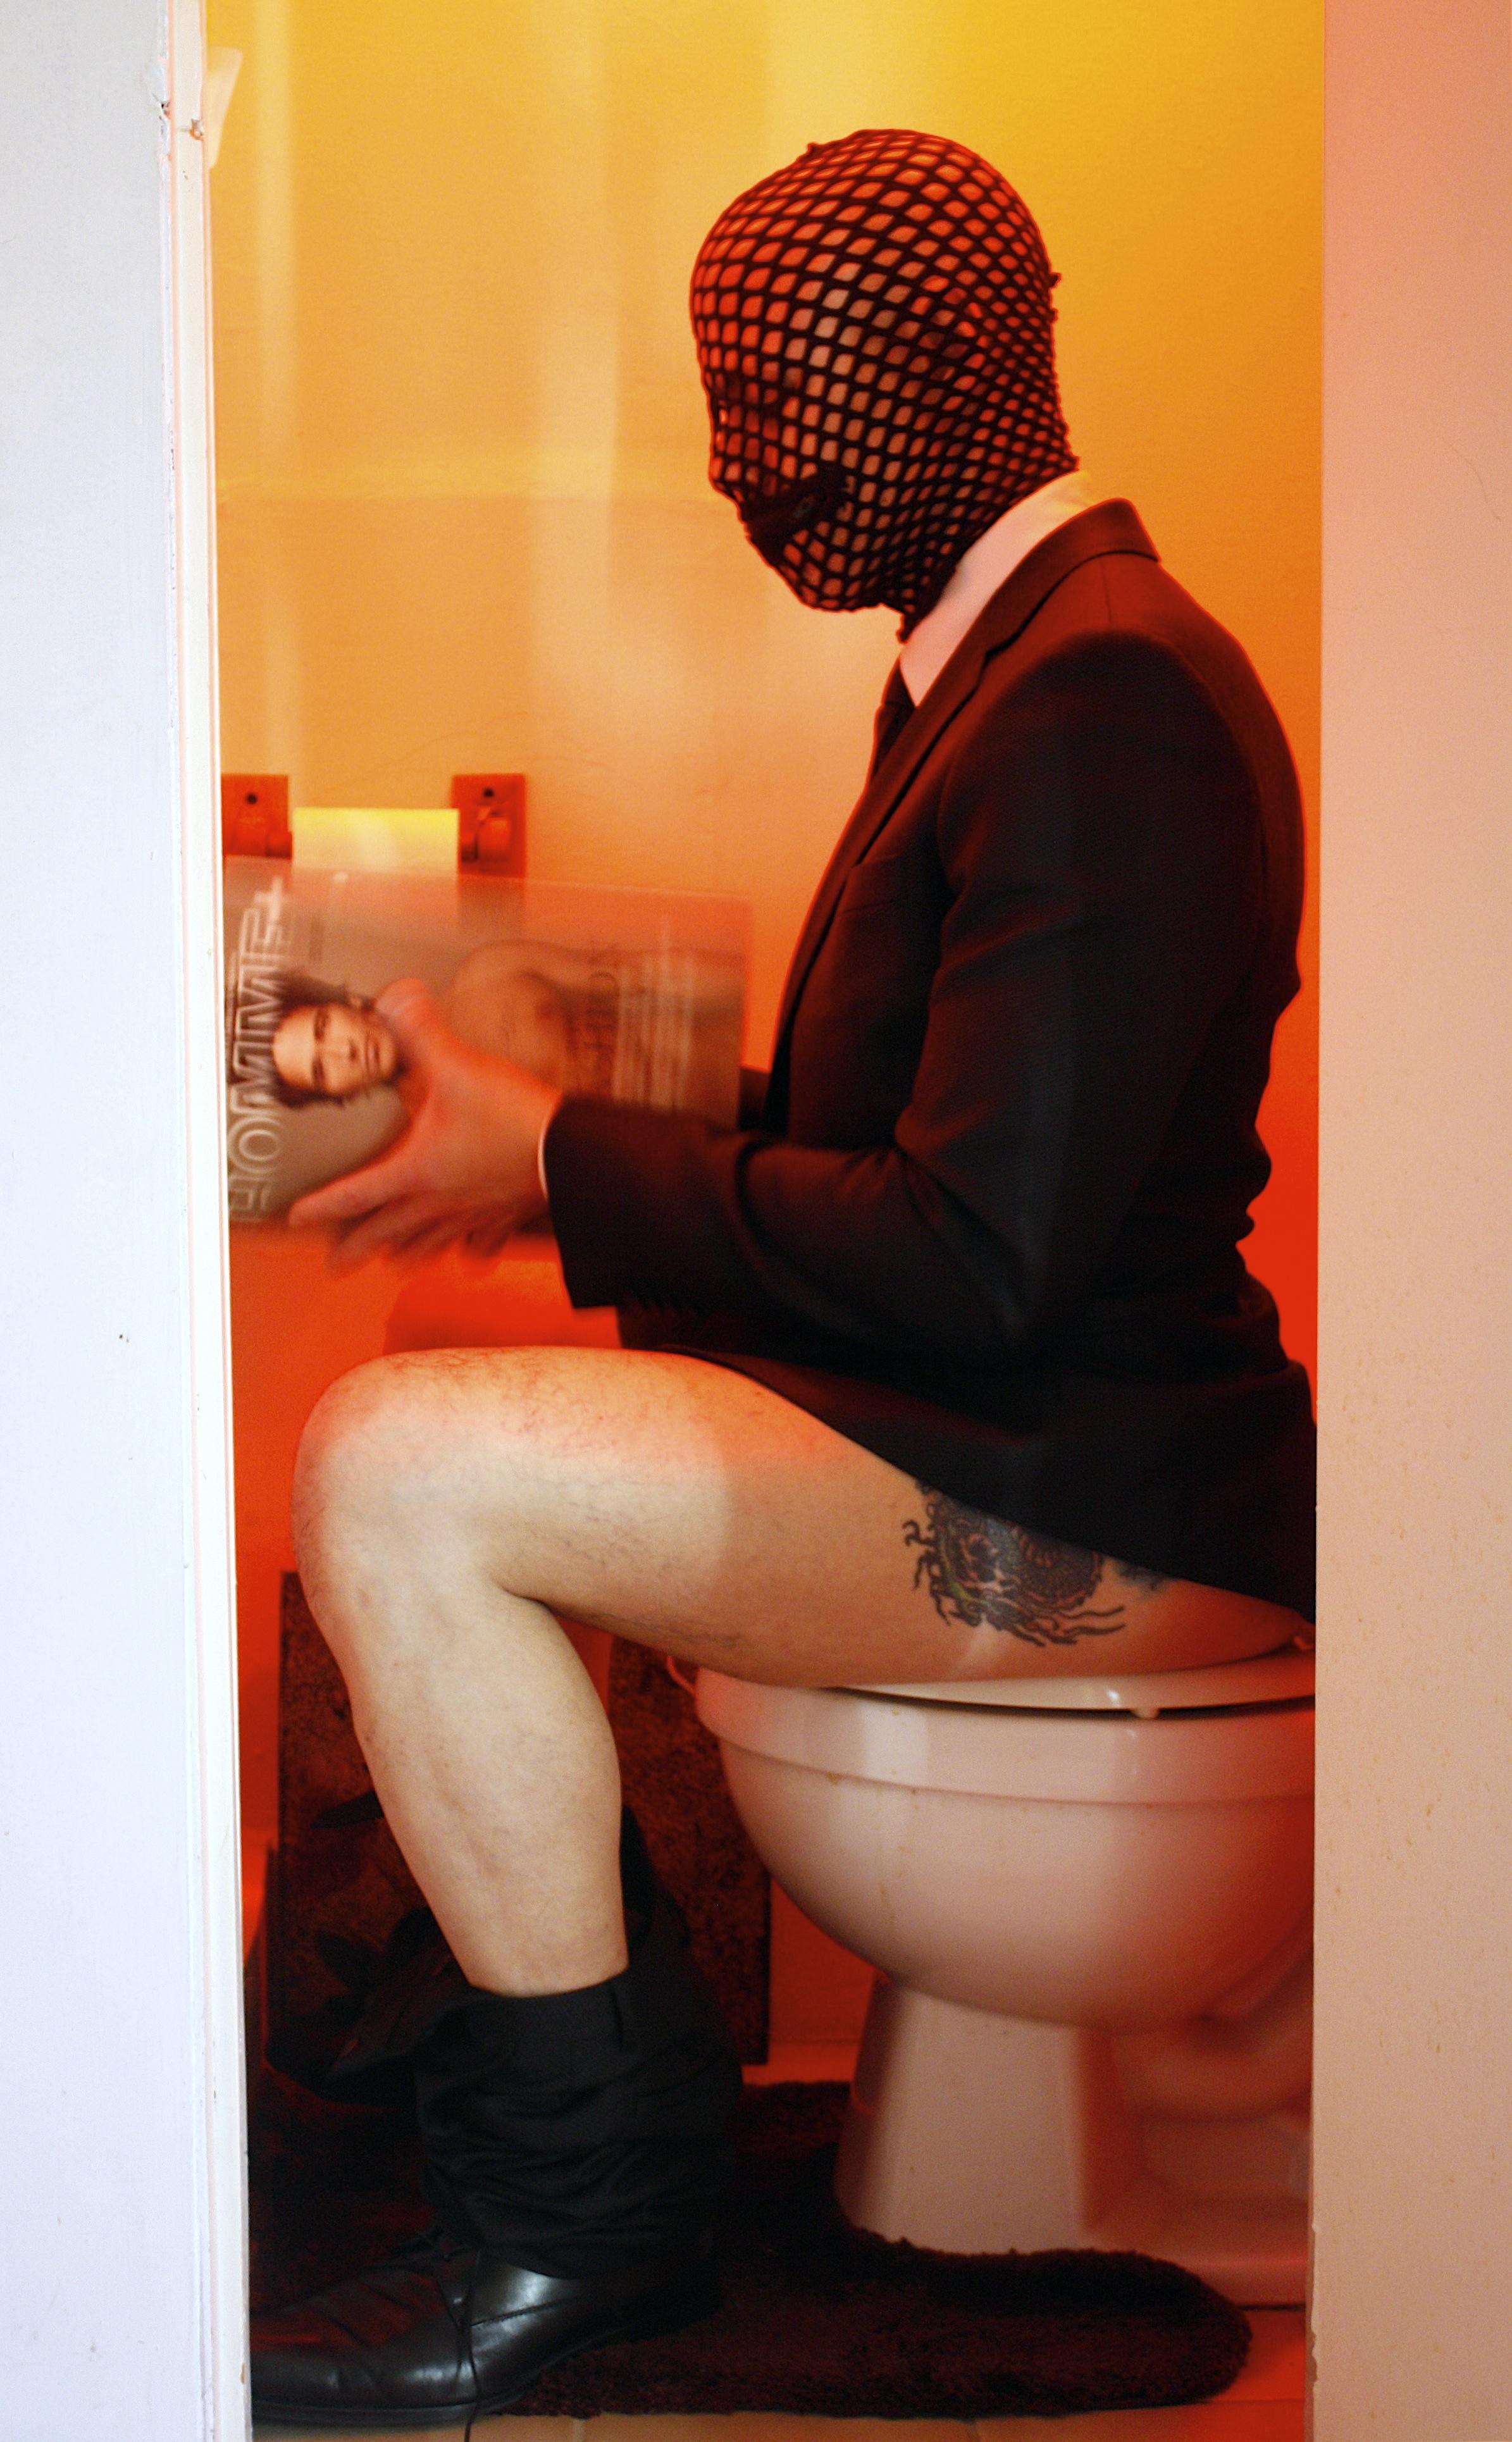 He Uses My Bathroom